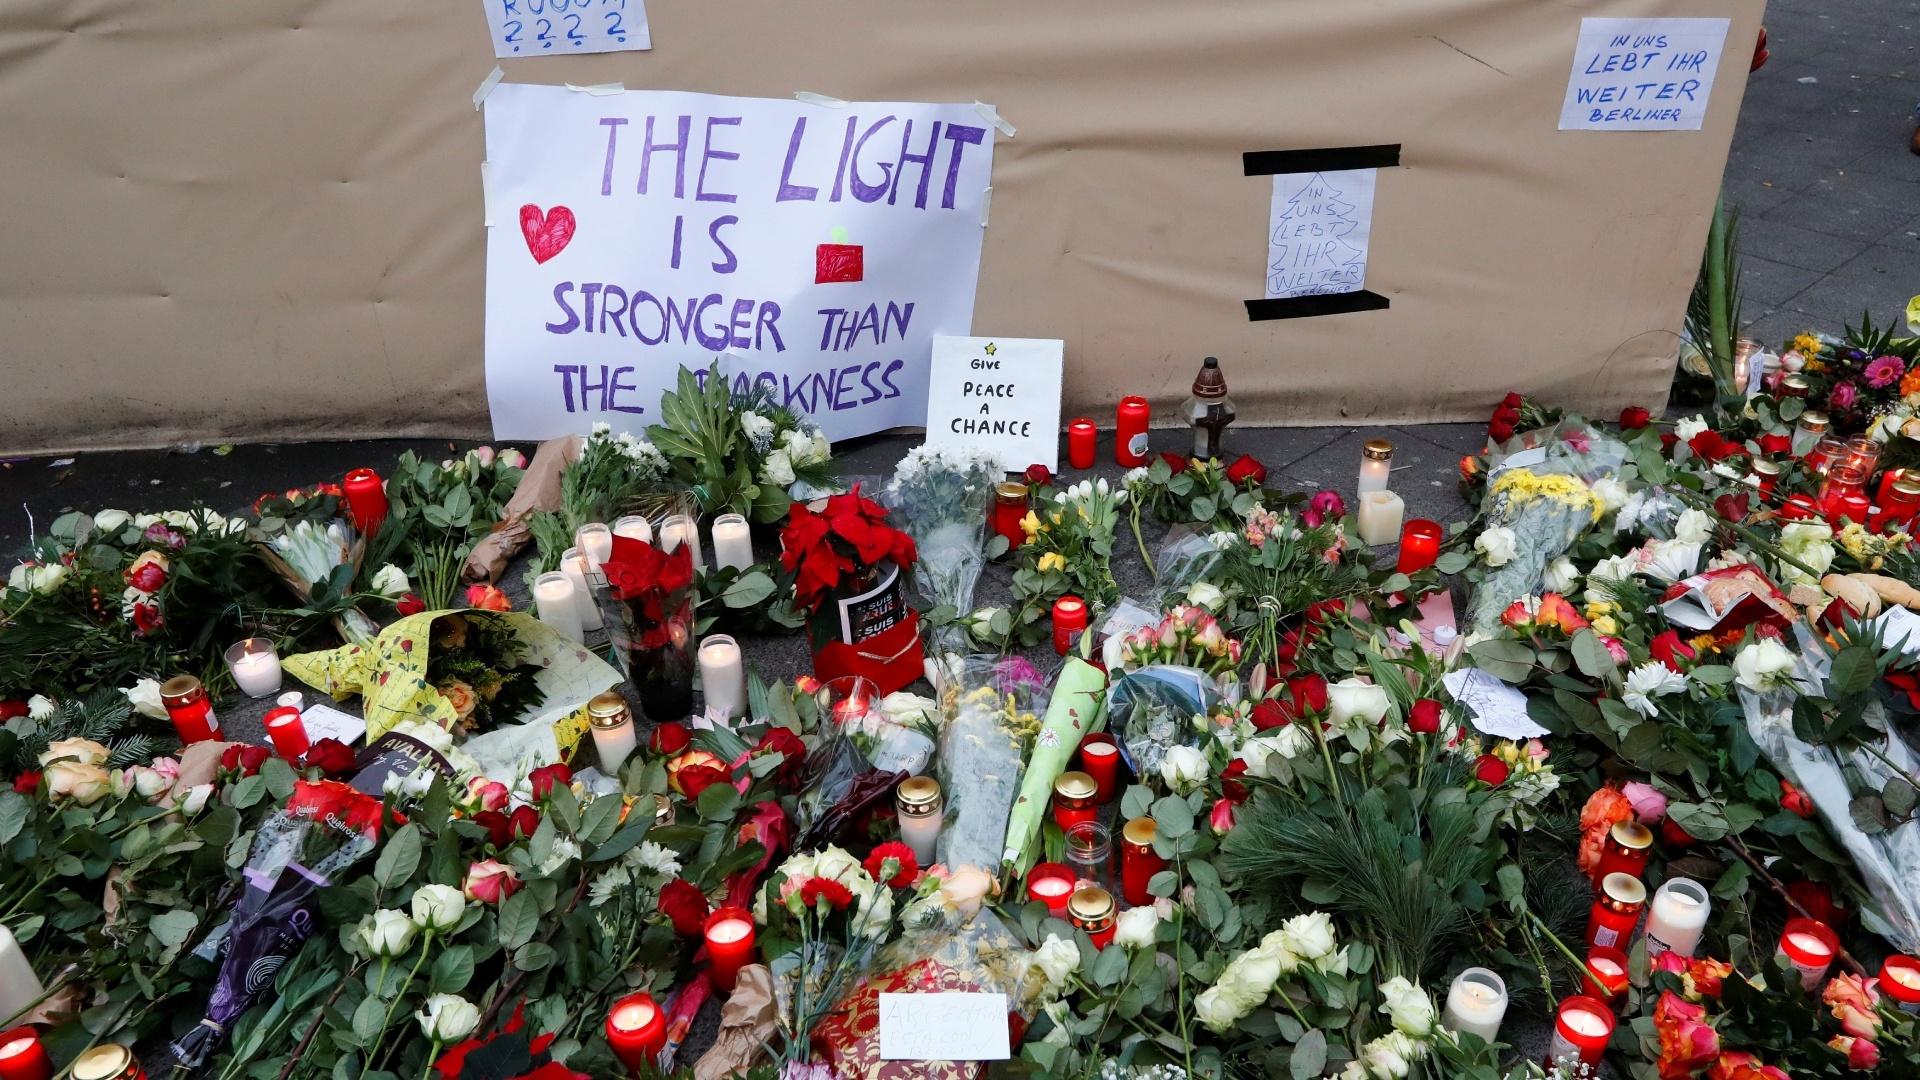 20.dez.2016 - Flores e cartazes são colocados ao lado do mercado natalino em homenagem às vítimas do caminhão que invadiu a feira de Berlim, na Alemanha, nesta segunda-feira (19)